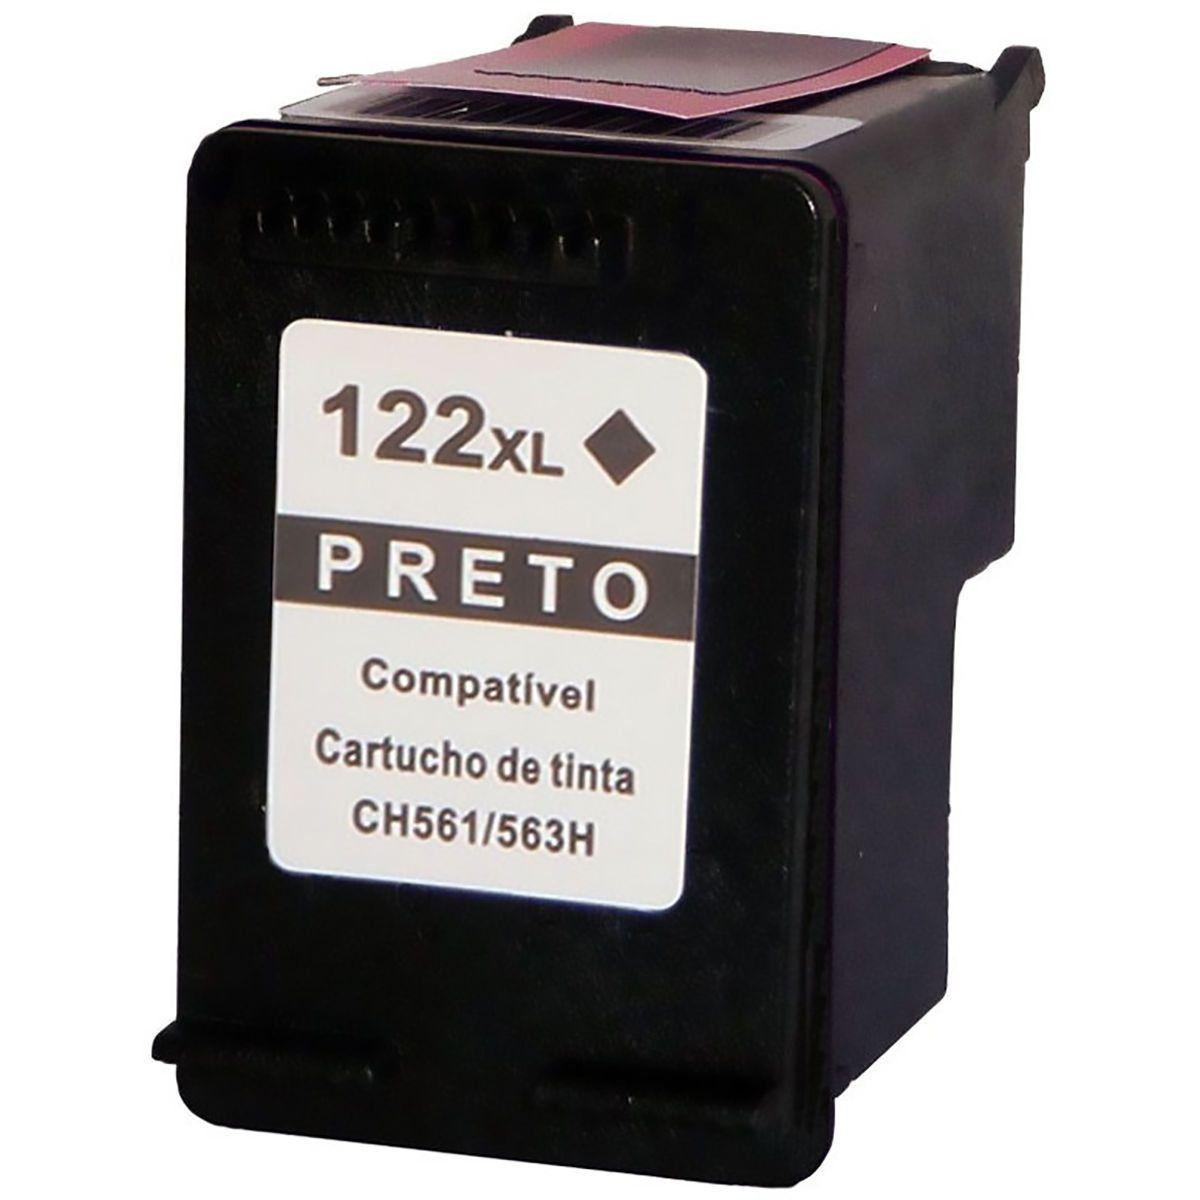 Compatível: Cartucho de Tinta 122xl 122 para Impressora HP 1000 1050 1055 2000 2050 3000 3050 3050a / Preto / 12ml